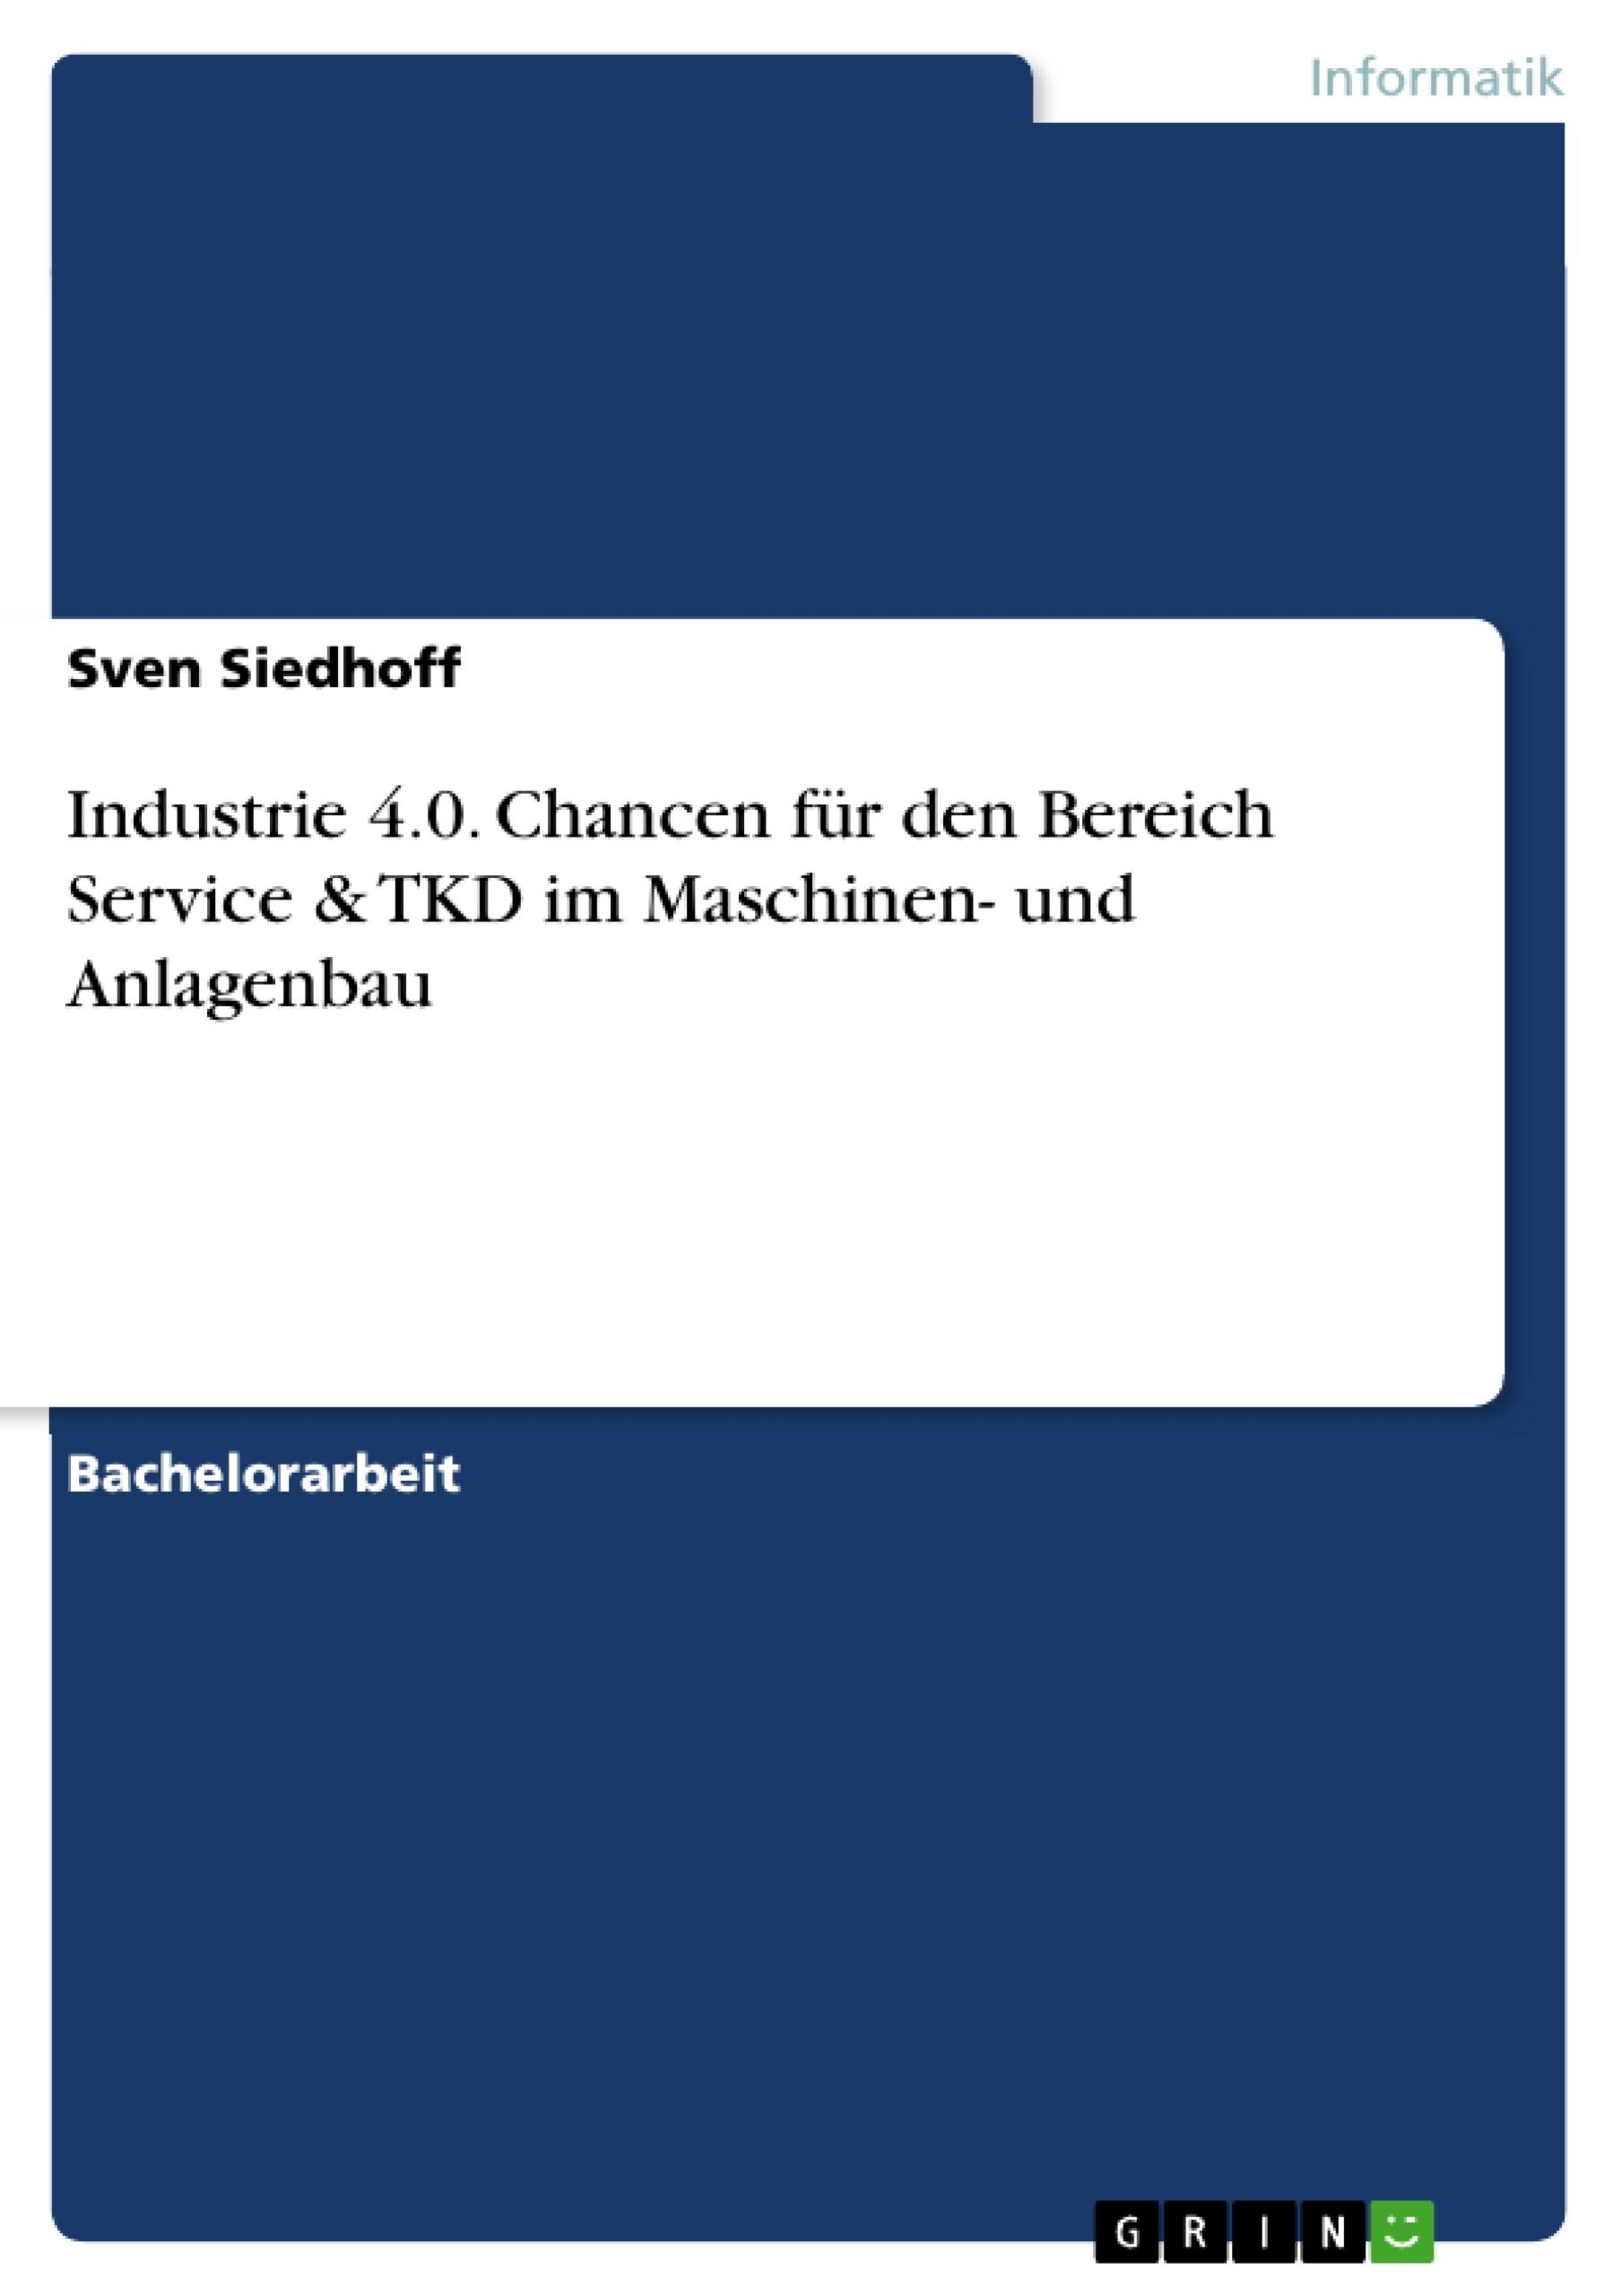 Titel: Industrie 4.0. Chancen für den Bereich Service & TKD im Maschinen- und Anlagenbau